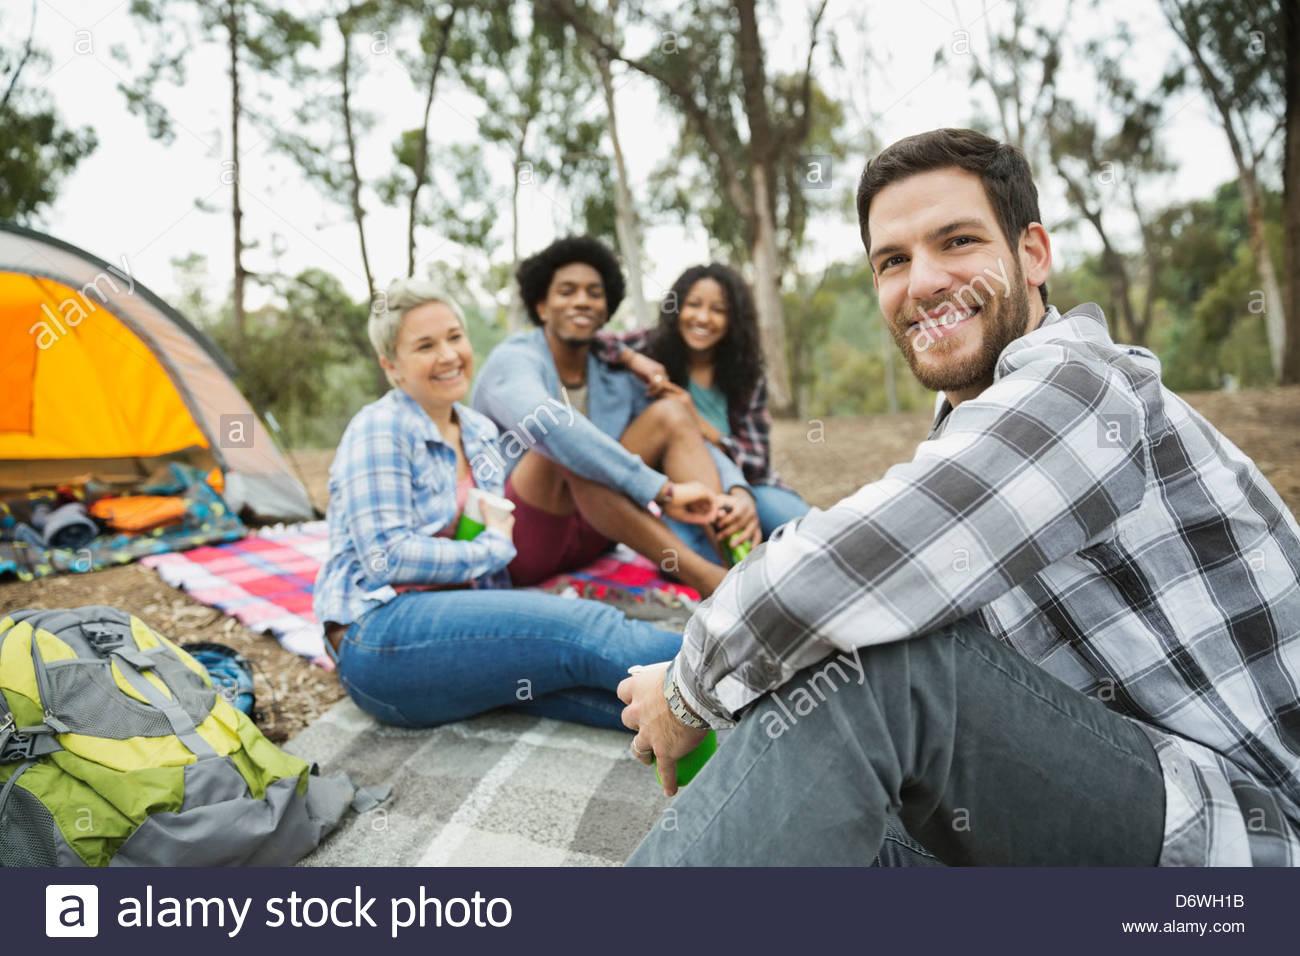 Ritratto di metà uomo adulto seduto con gli amici mentre camping Immagini Stock